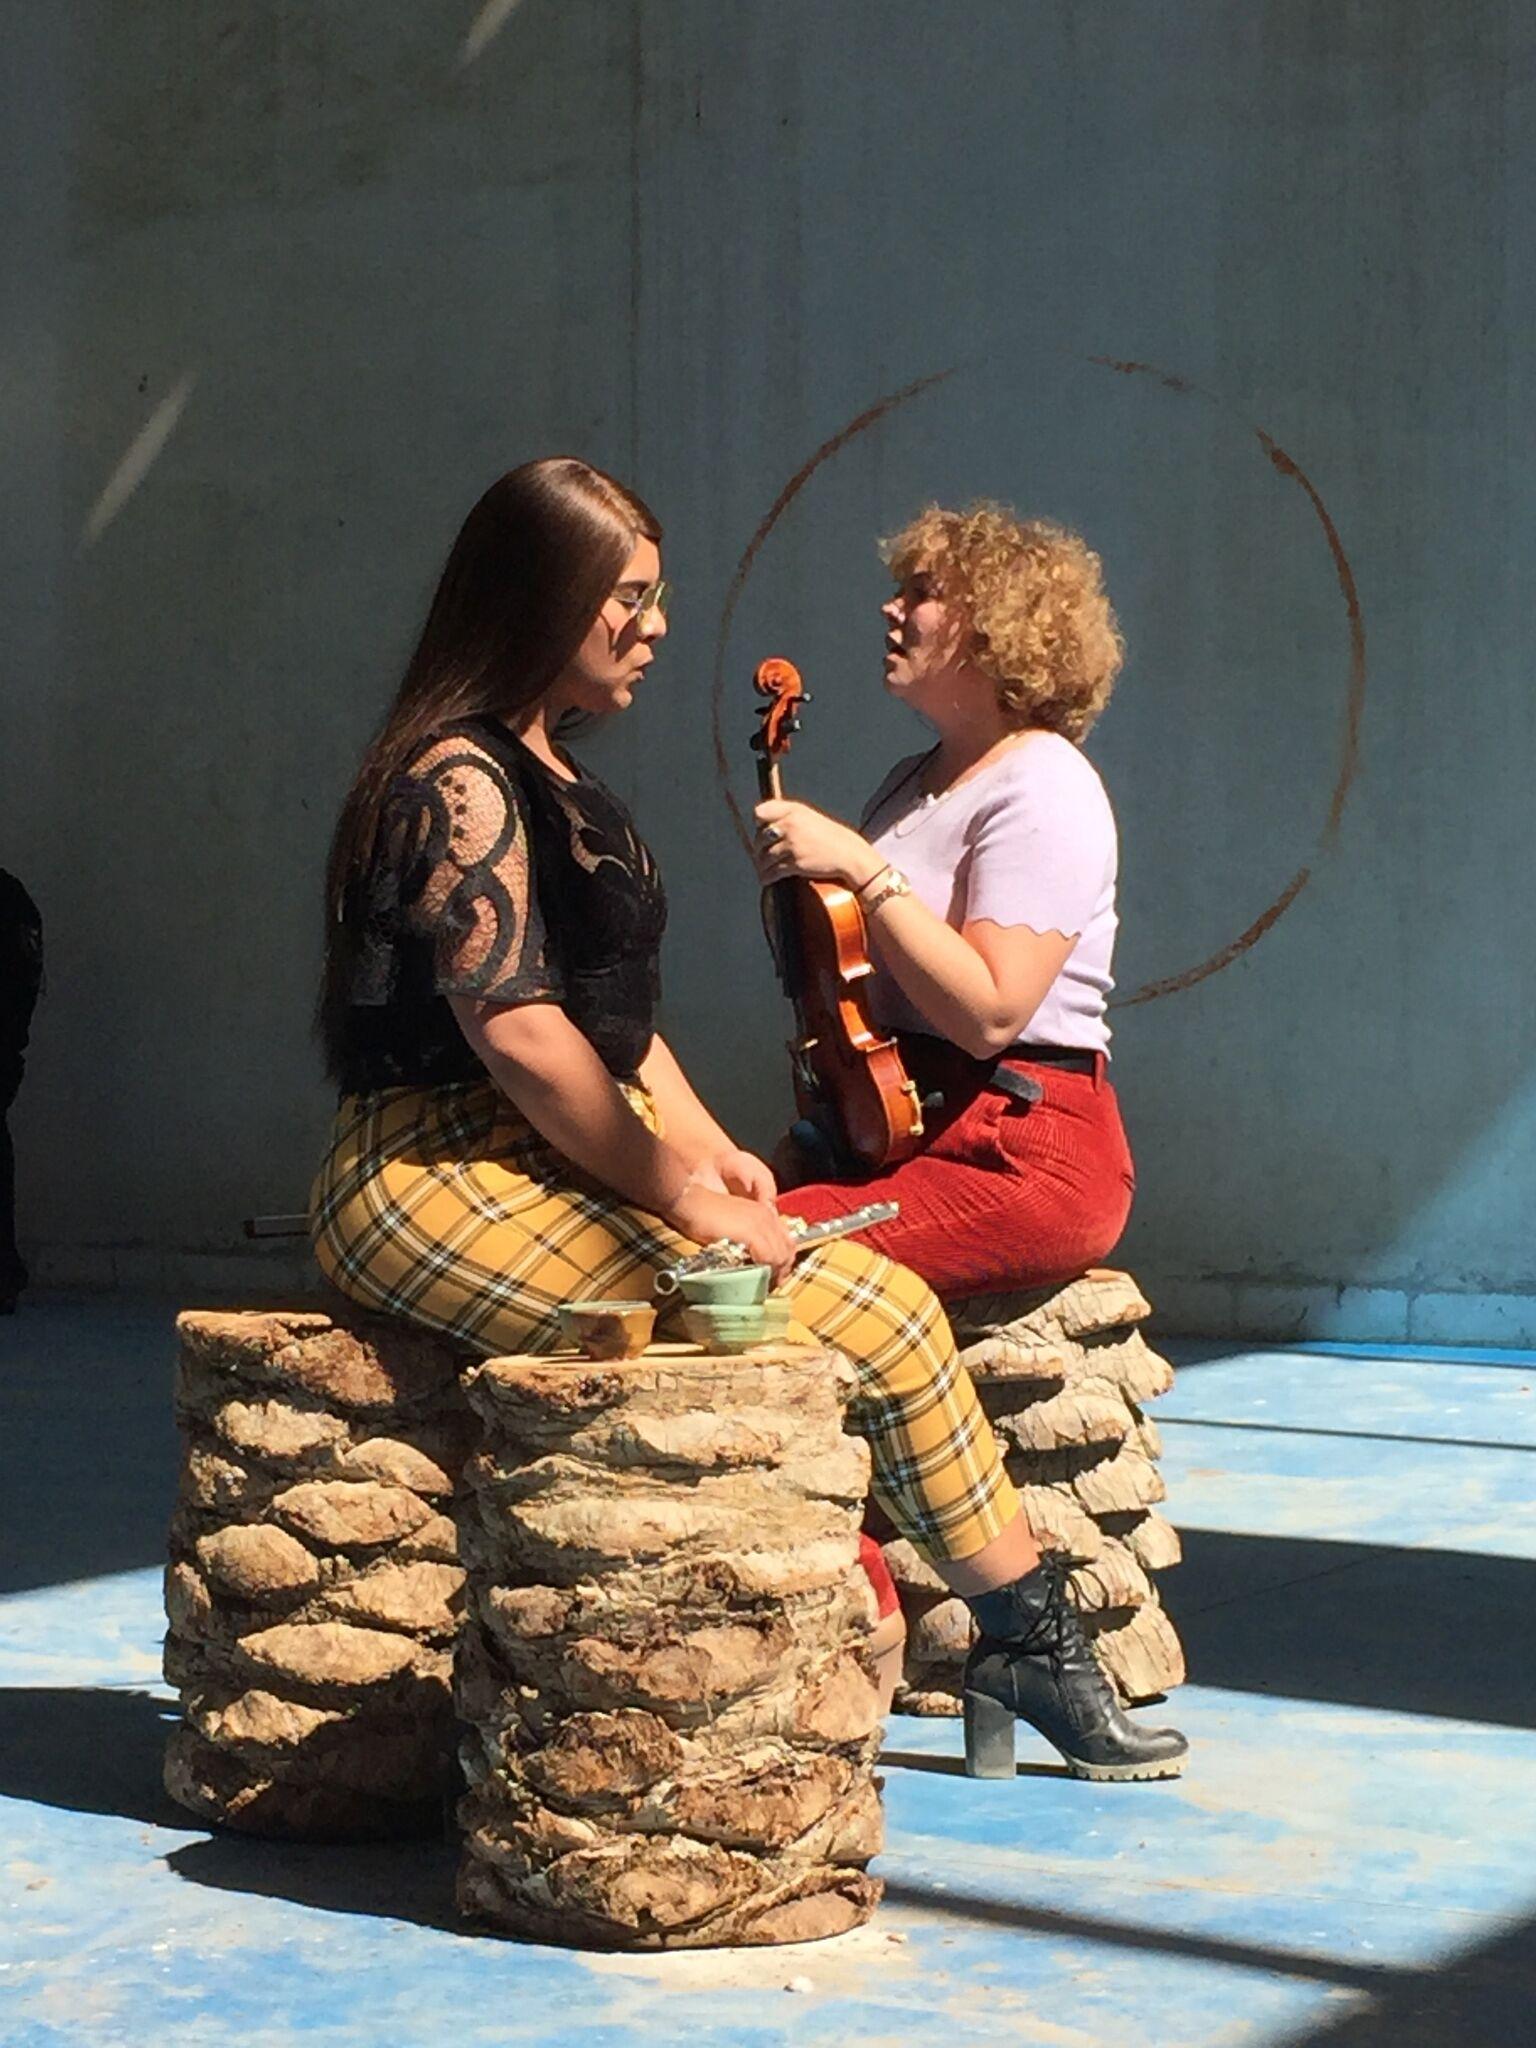 Isabel Lewis, Matthew Lutz-Kinoy & HACKLANDER / HATAM, Untitled (inwardness, juice, natures) performance, March 8, 2019, Kalba Ice Factory. Photo Courtesy SAF.